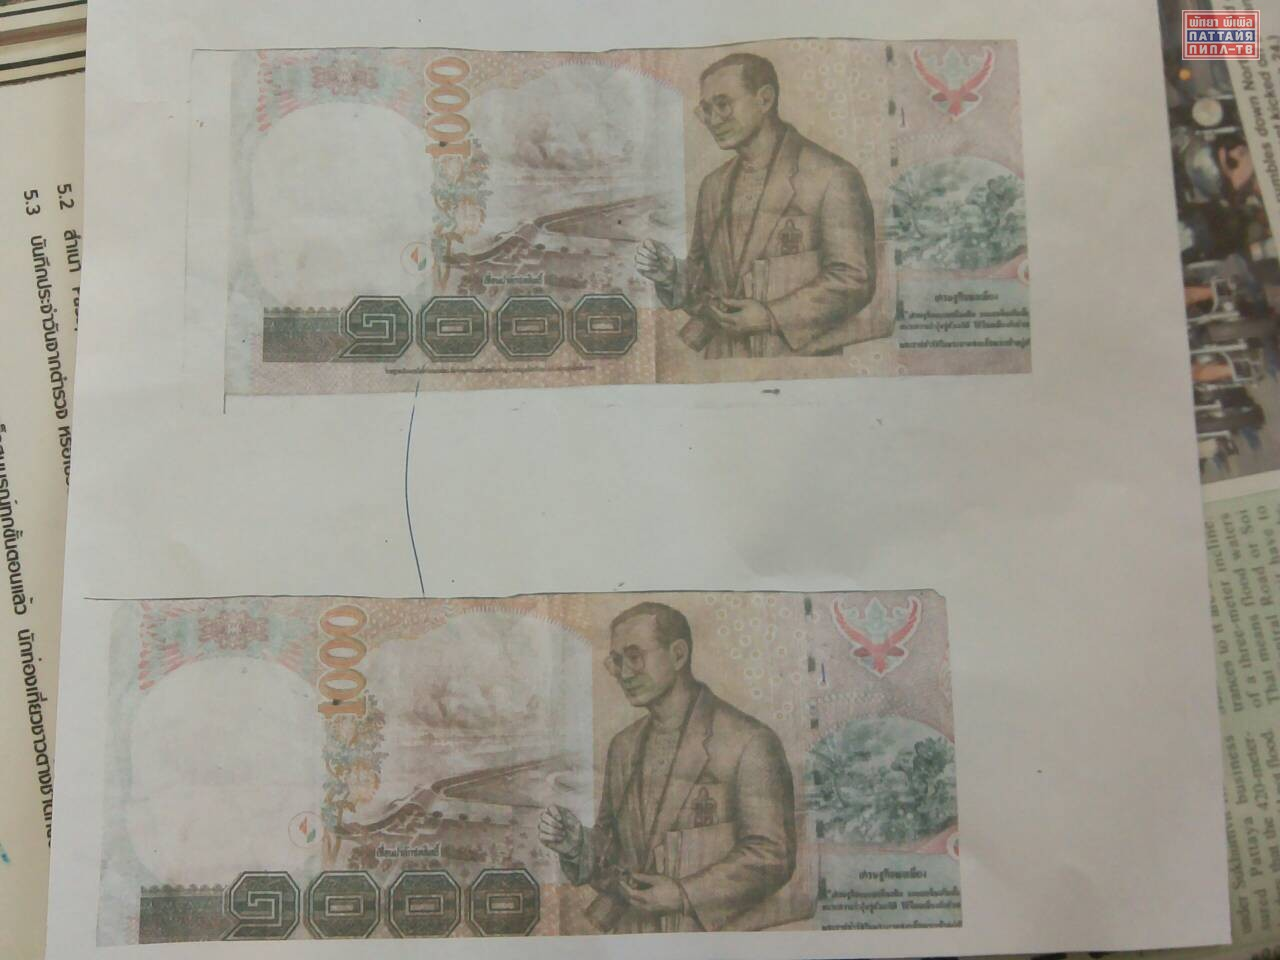 Фальшивые деньги на рынке у храма Чаймонгкол